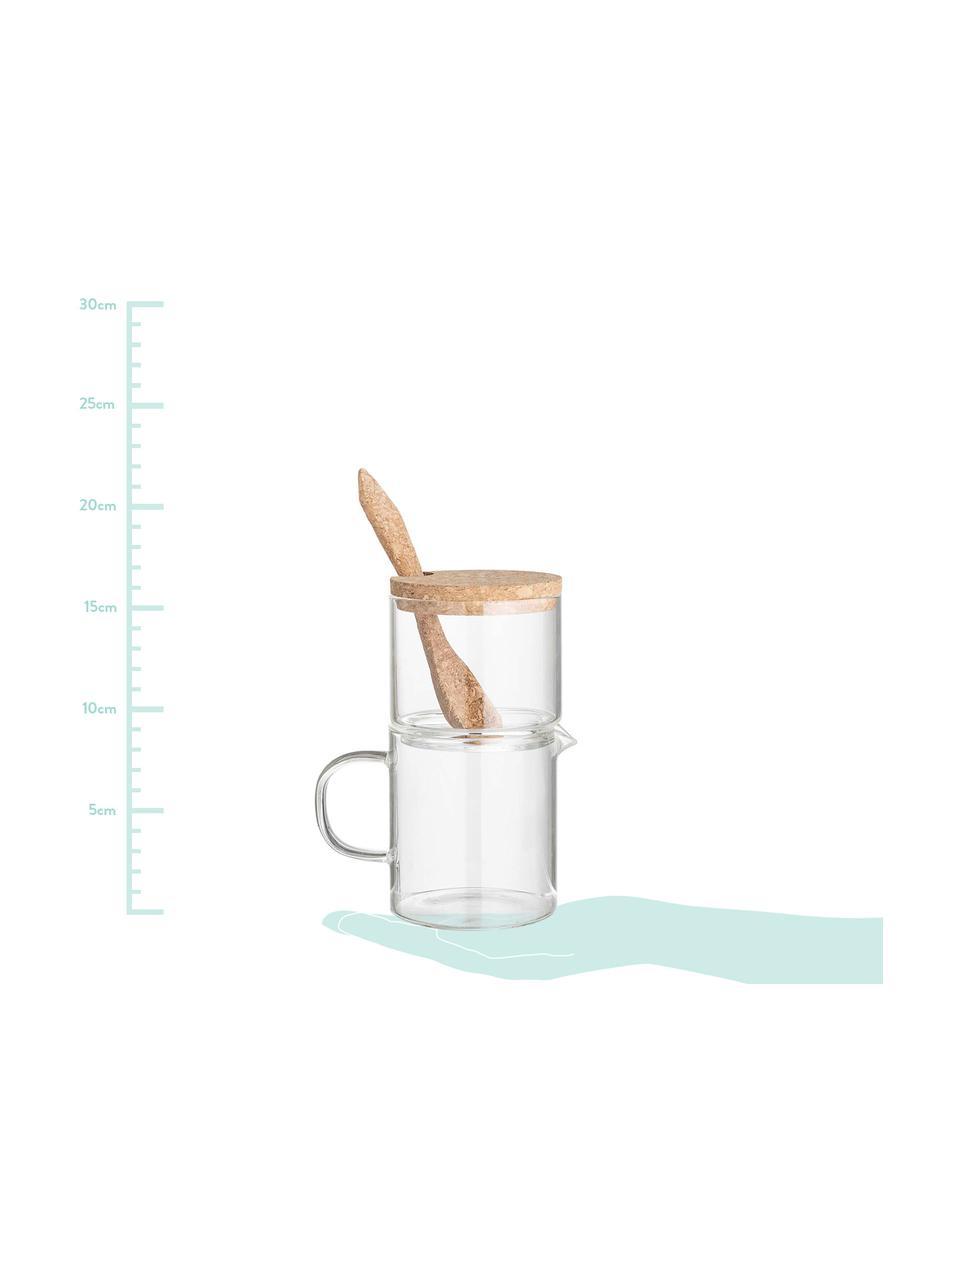 Komplet z mlecznikiem i cukiernicą Pot, 3 elem., Szkło, korek, Transparentny, brązowy, Komplet z różnymi rozmiarami